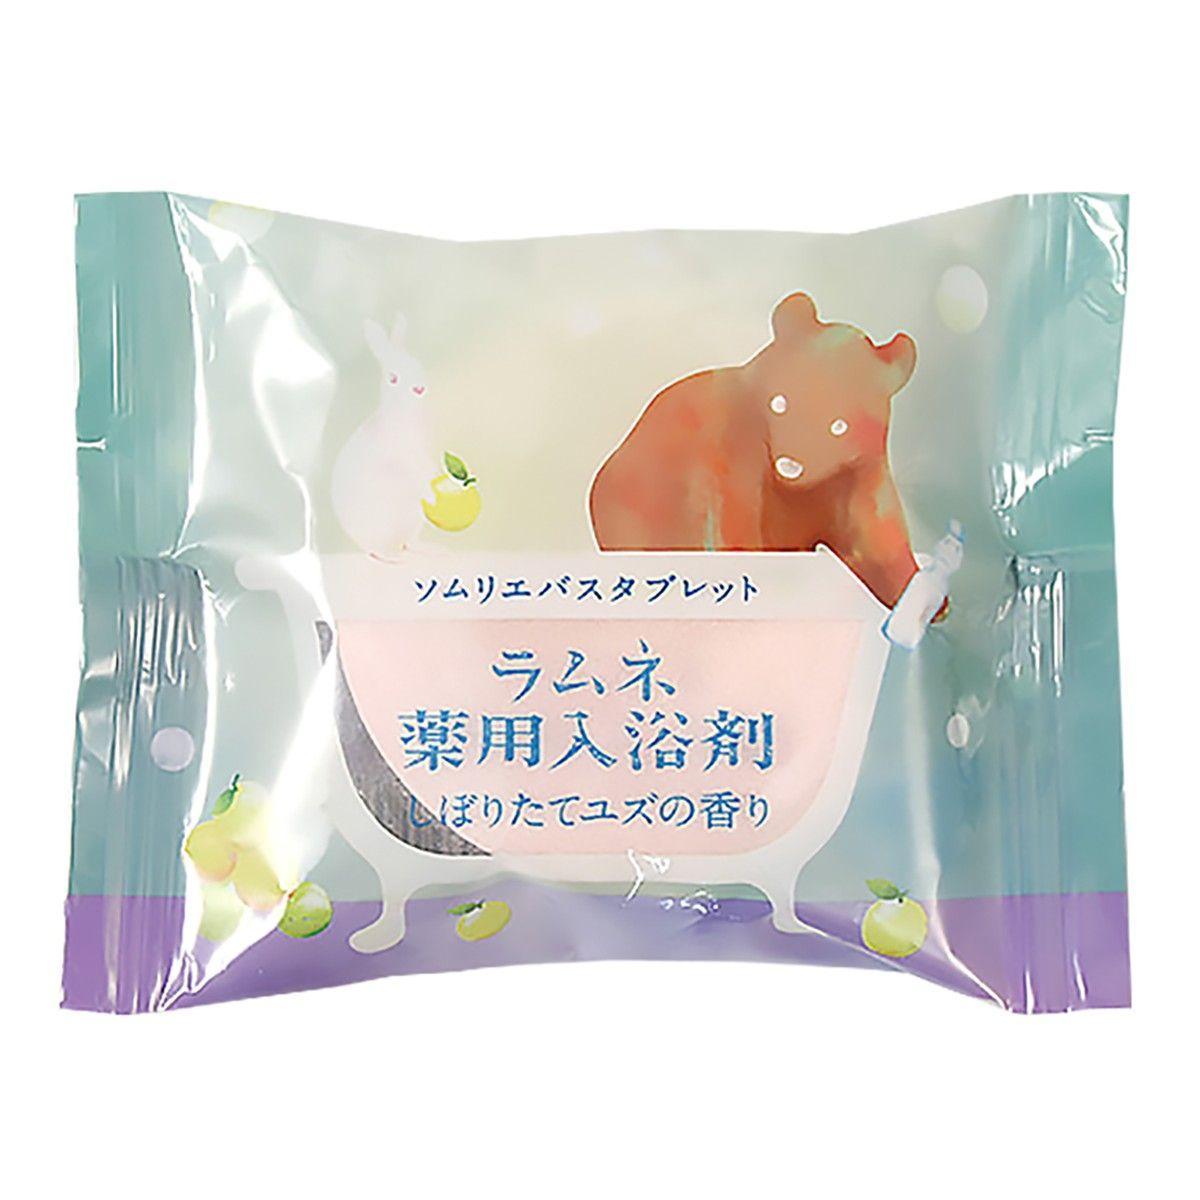 Расслабляющая соль-таблетка для ванны с ароматом юдзу - 40 гр.-6645